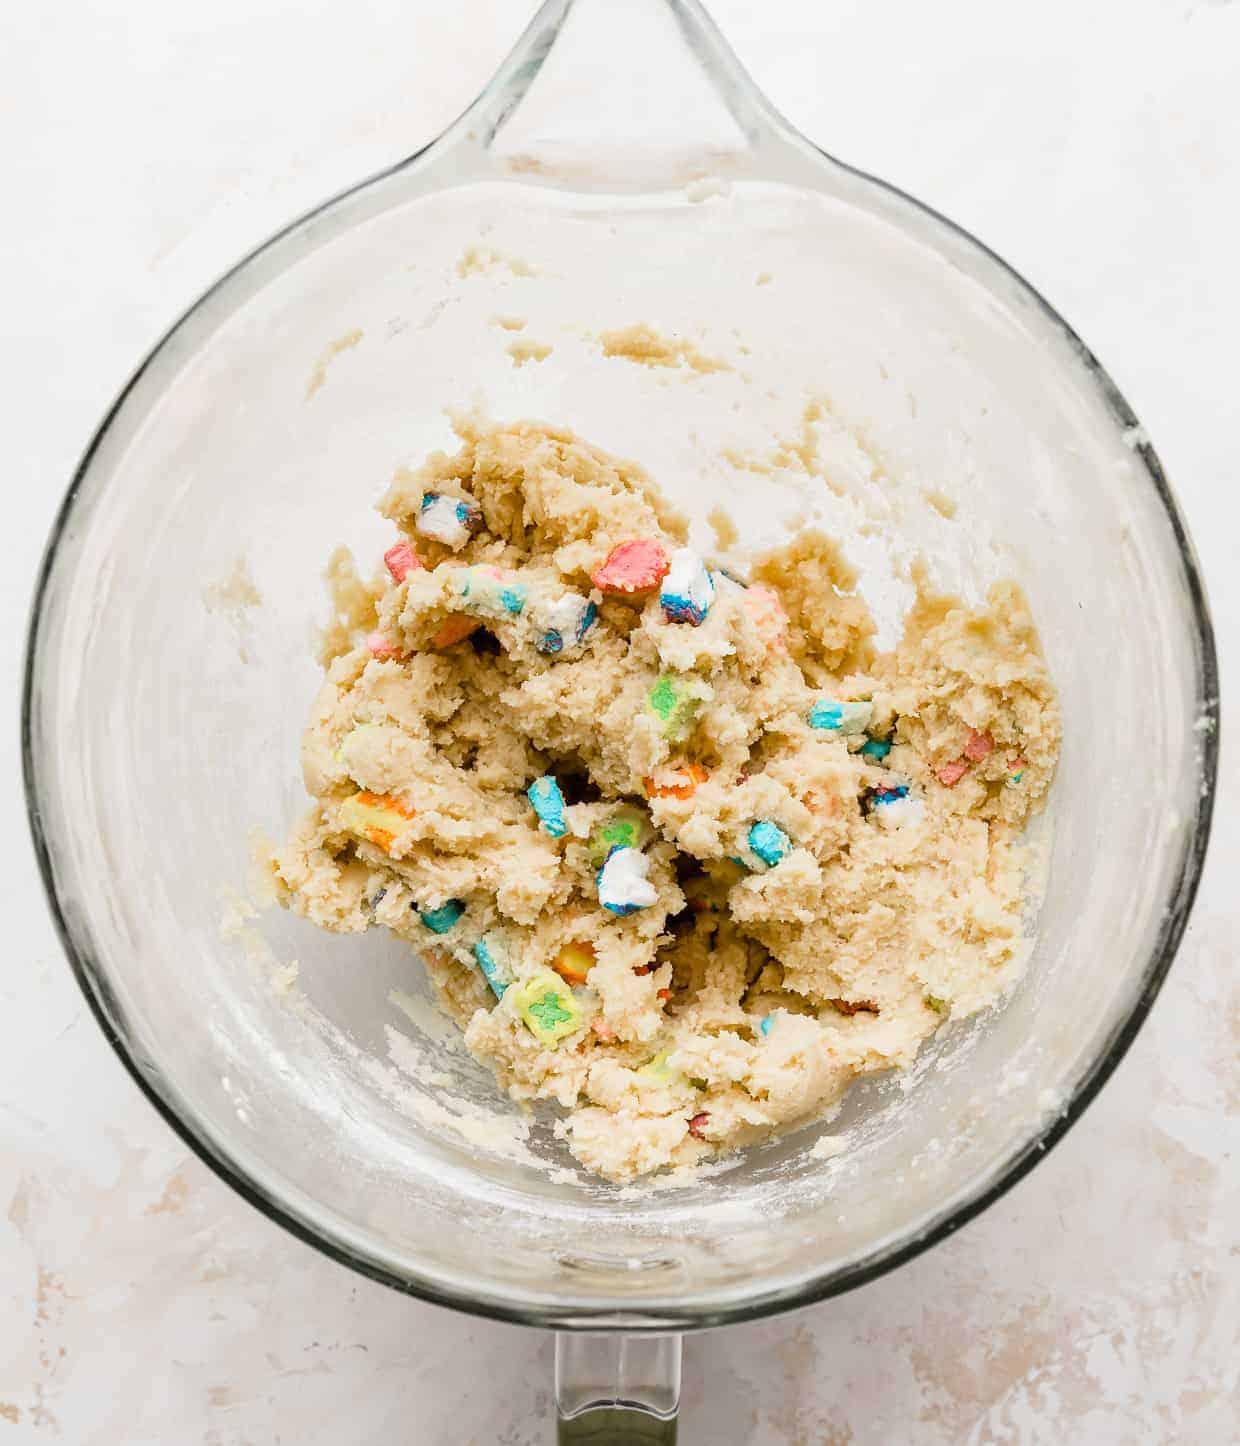 Lucky Charms marshmallows mixed into sugar cookie dough.